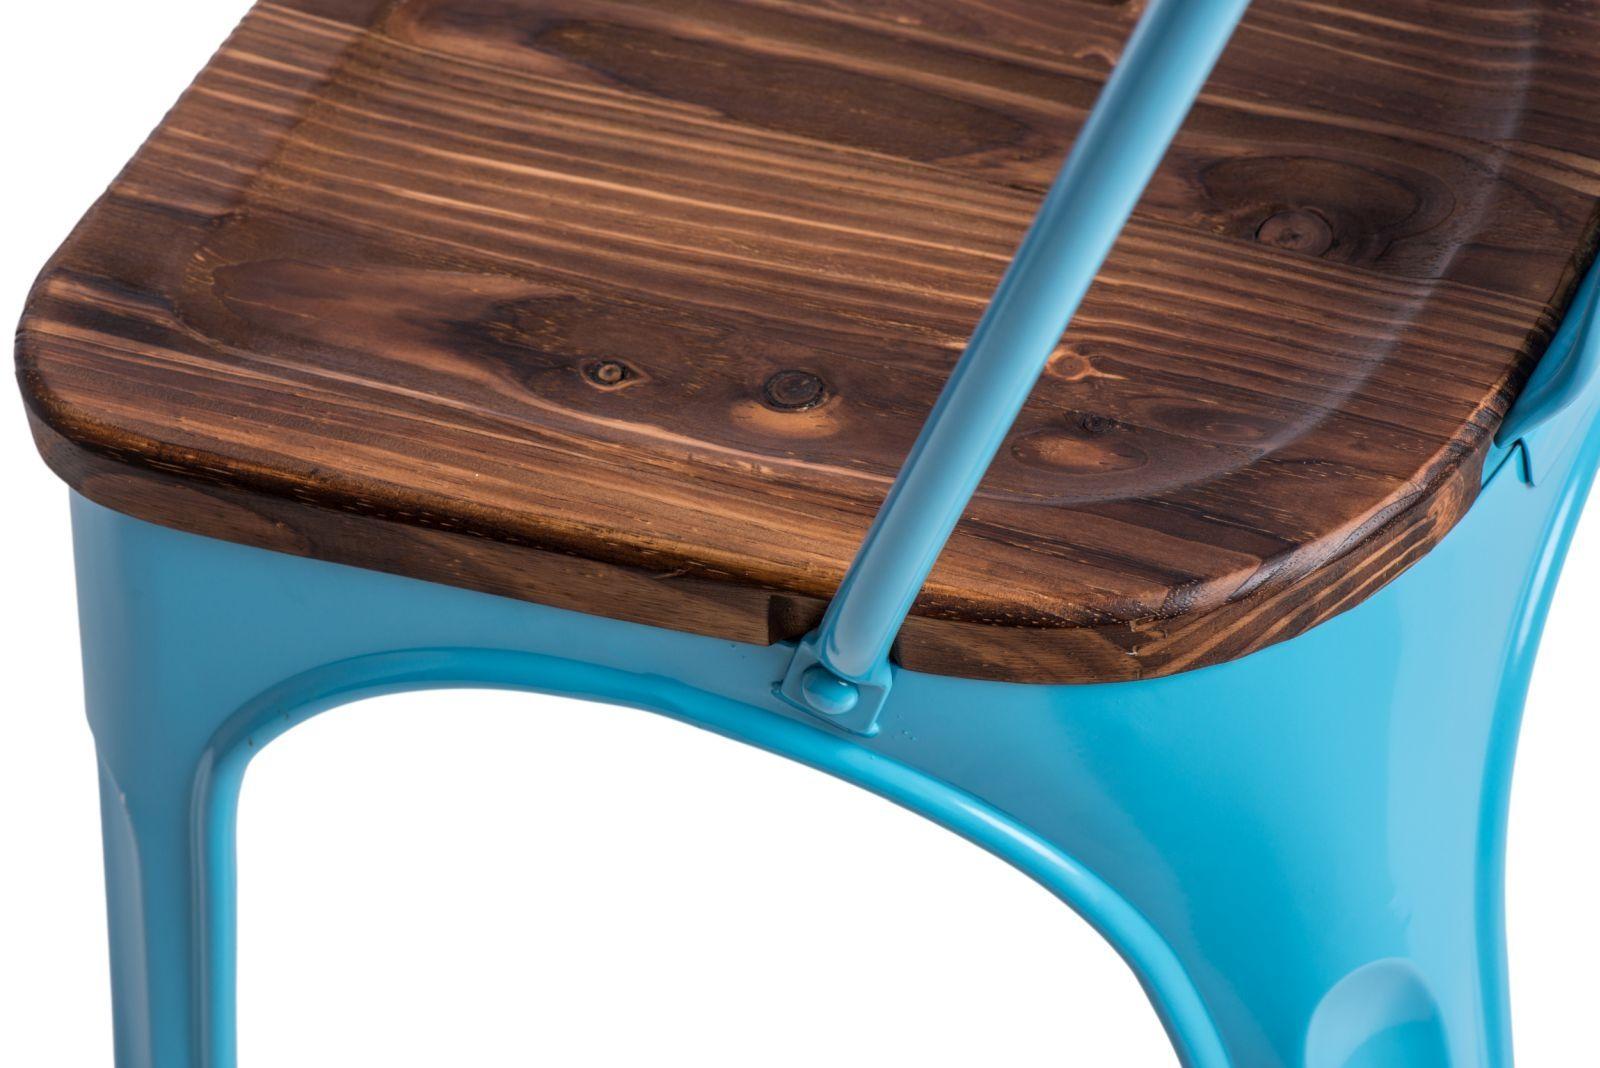 D2 Krzesło Paris Wood niebieski sosna